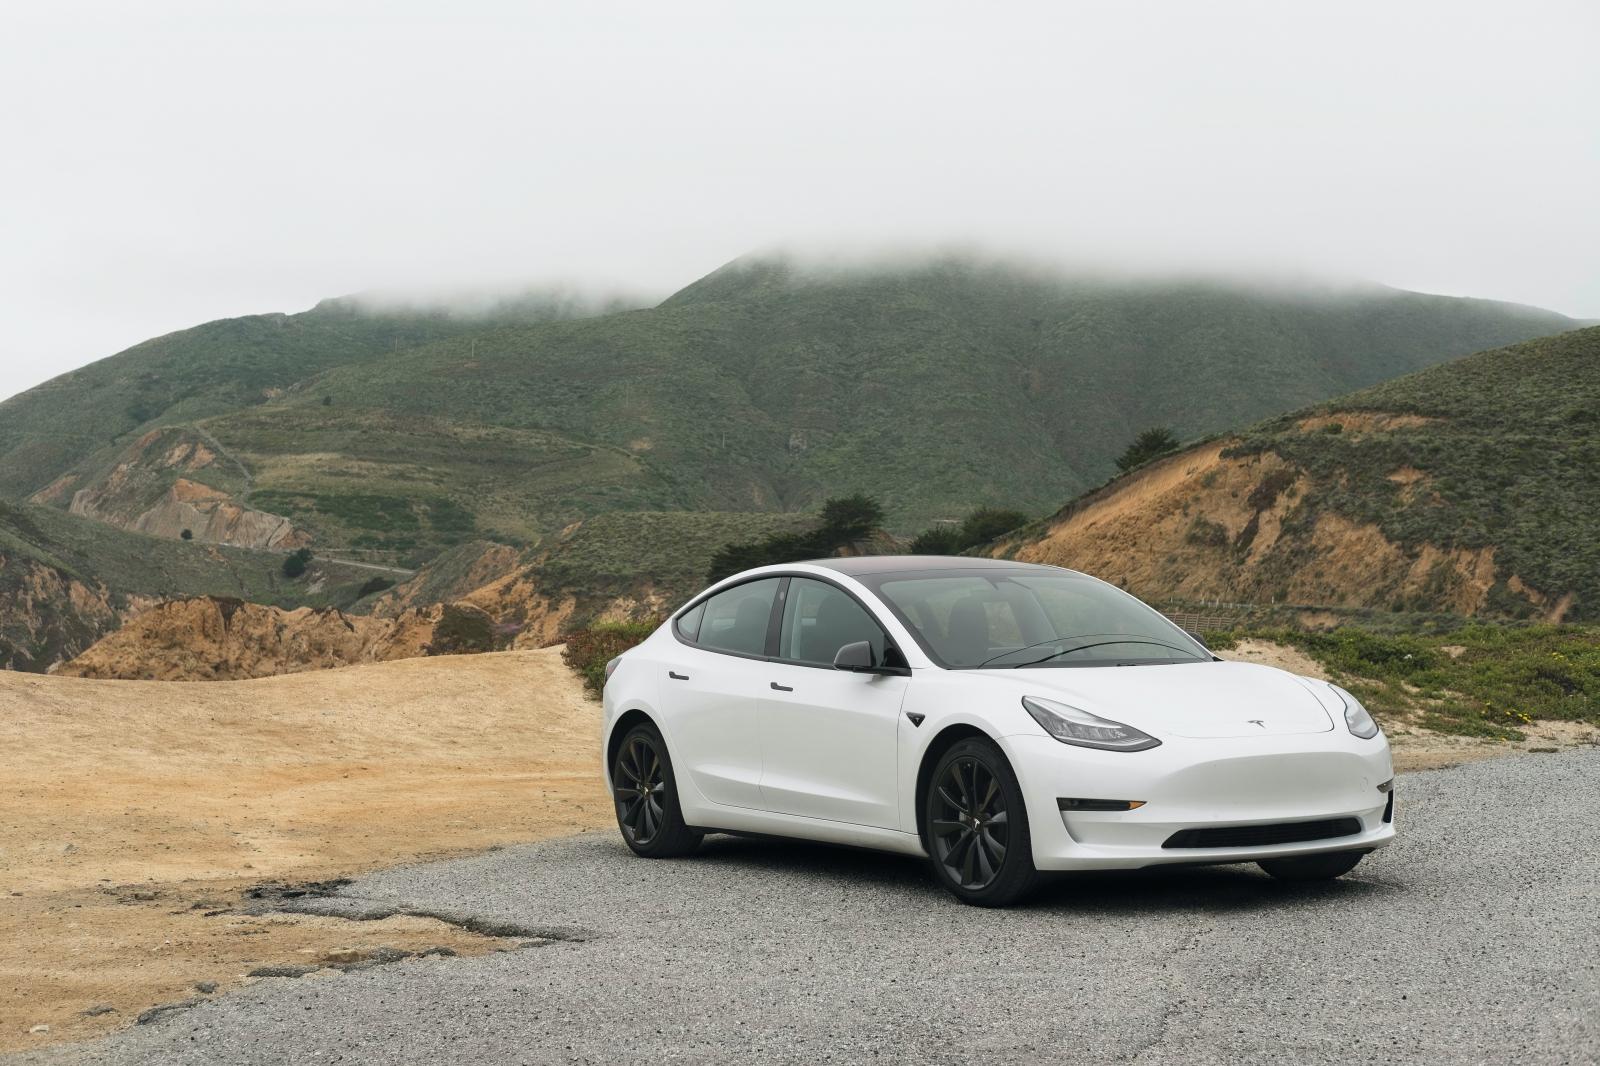 【電動車專知】最省電電動車是哪輛?Tesla是第一嗎?